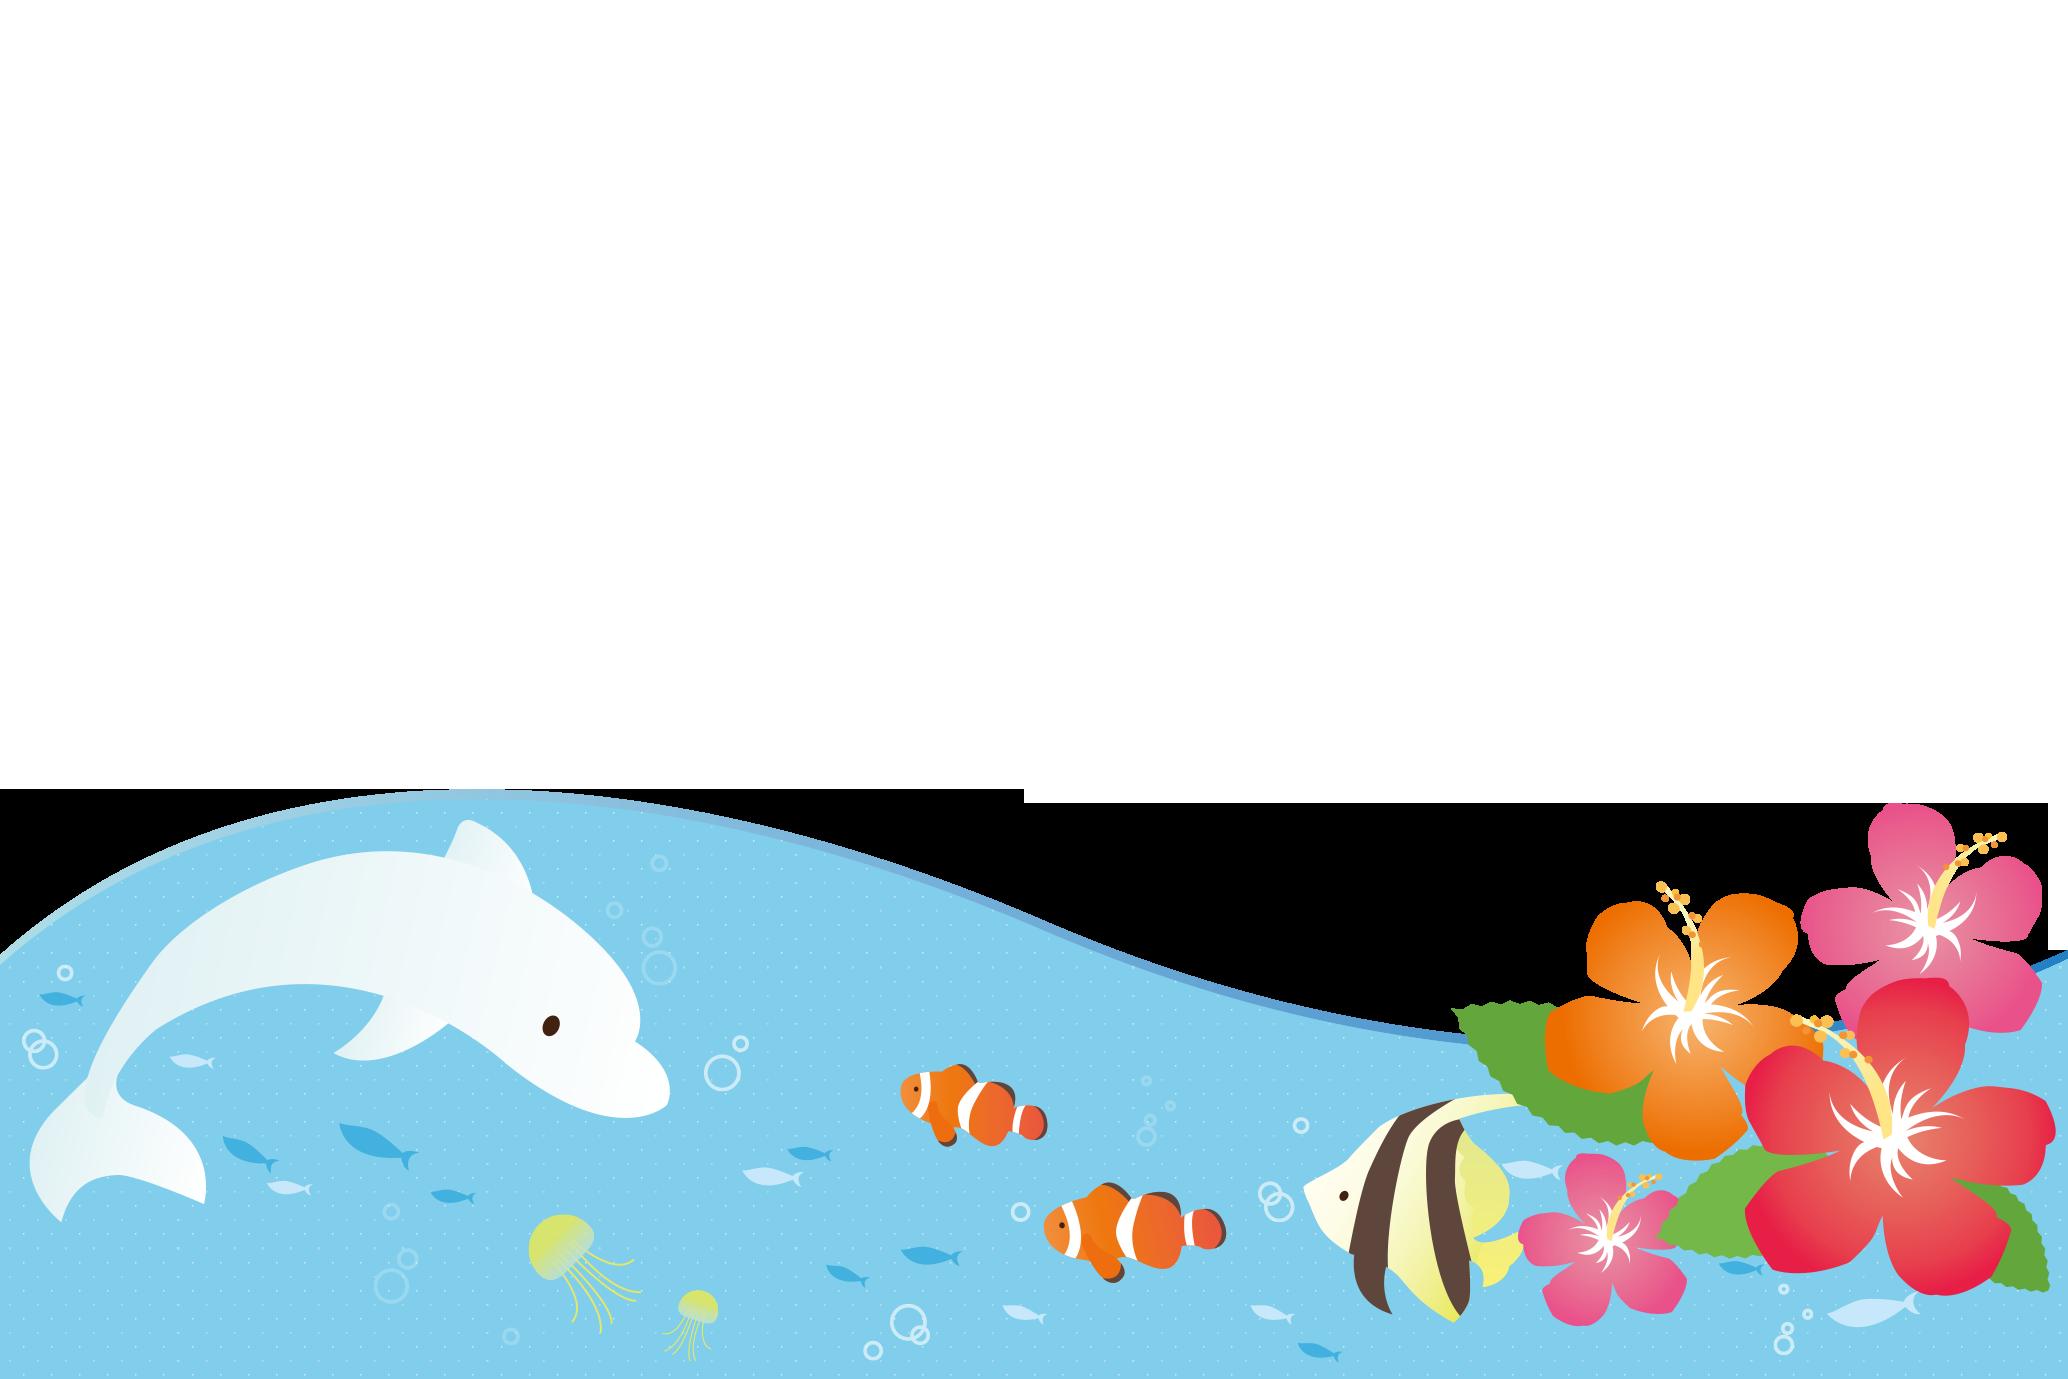 イルカのイラスト一覧 無料イラスト愛